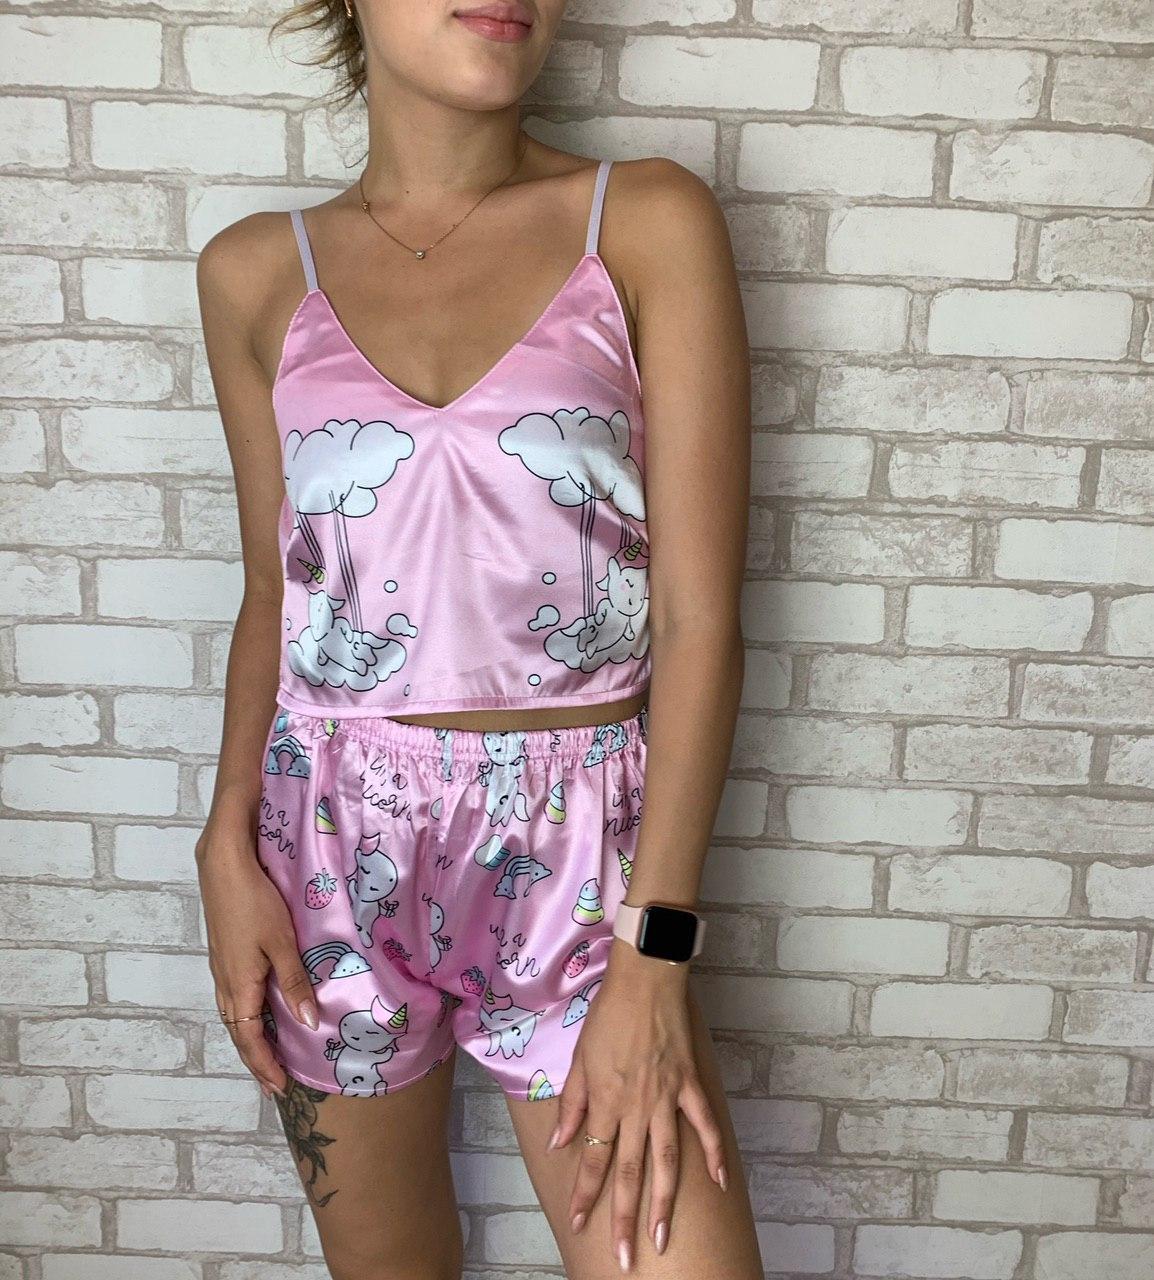 Пижама женская атласная в расцветке Единорогом,в наличии Все Размеры и Цвета в ассортименте